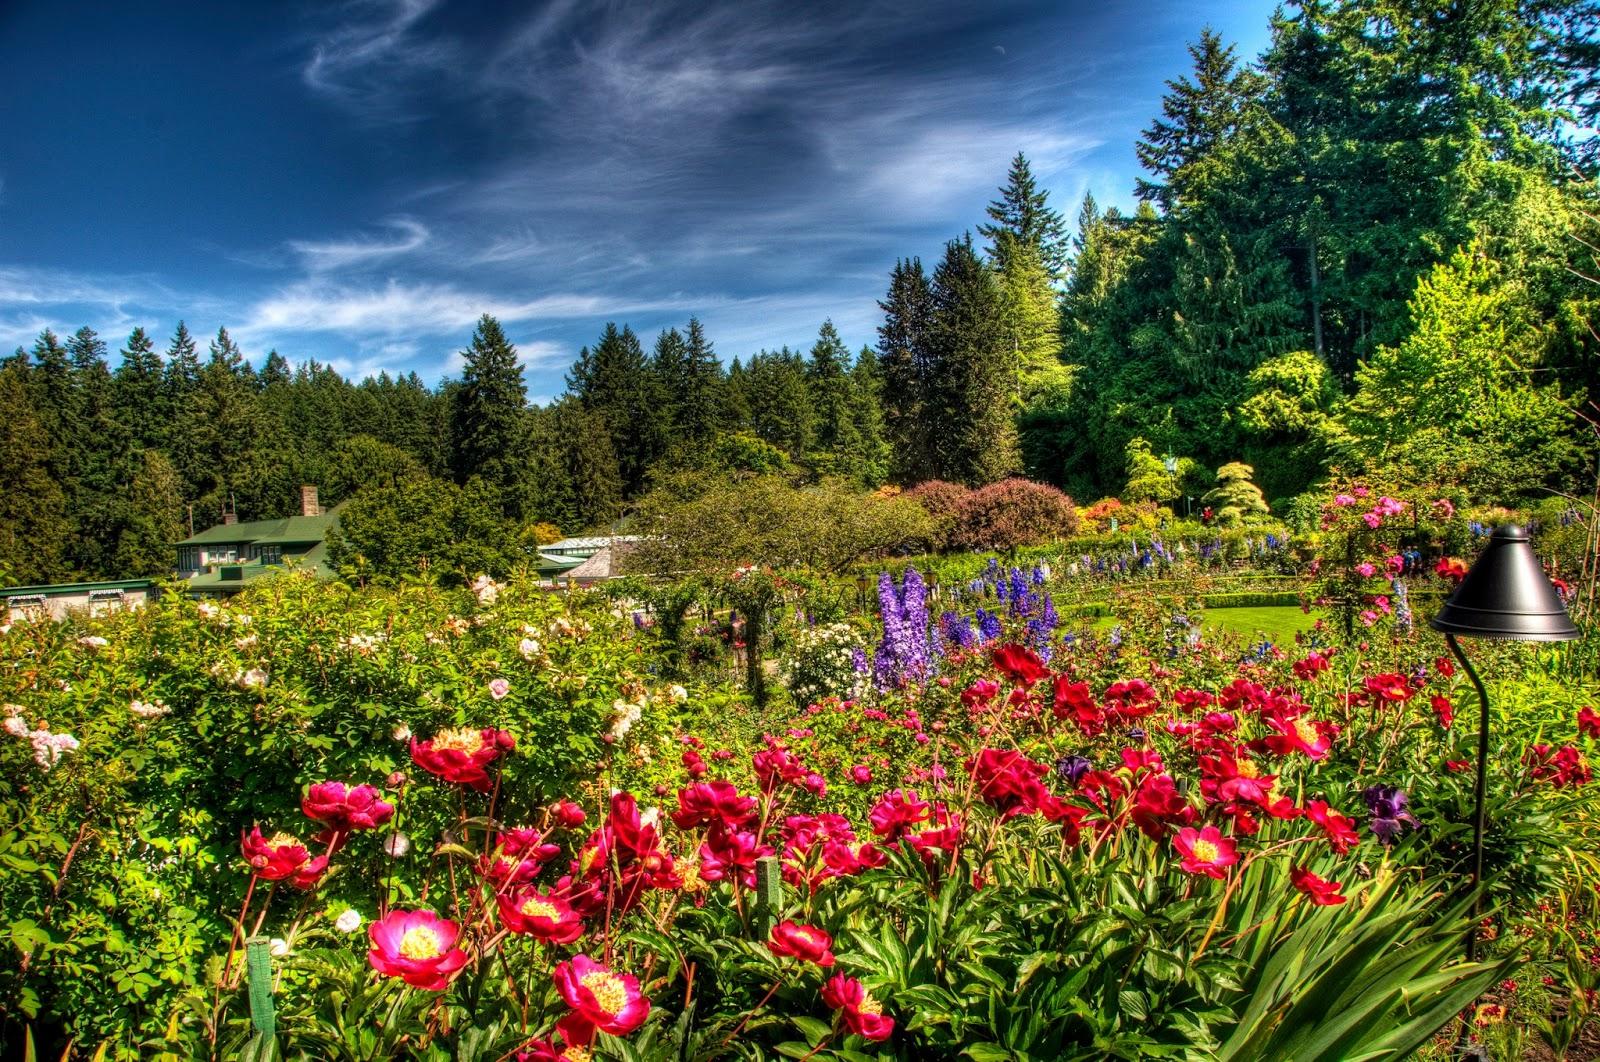 Arte y jardiner a trucos de jardiner a for Jardineria y plantas